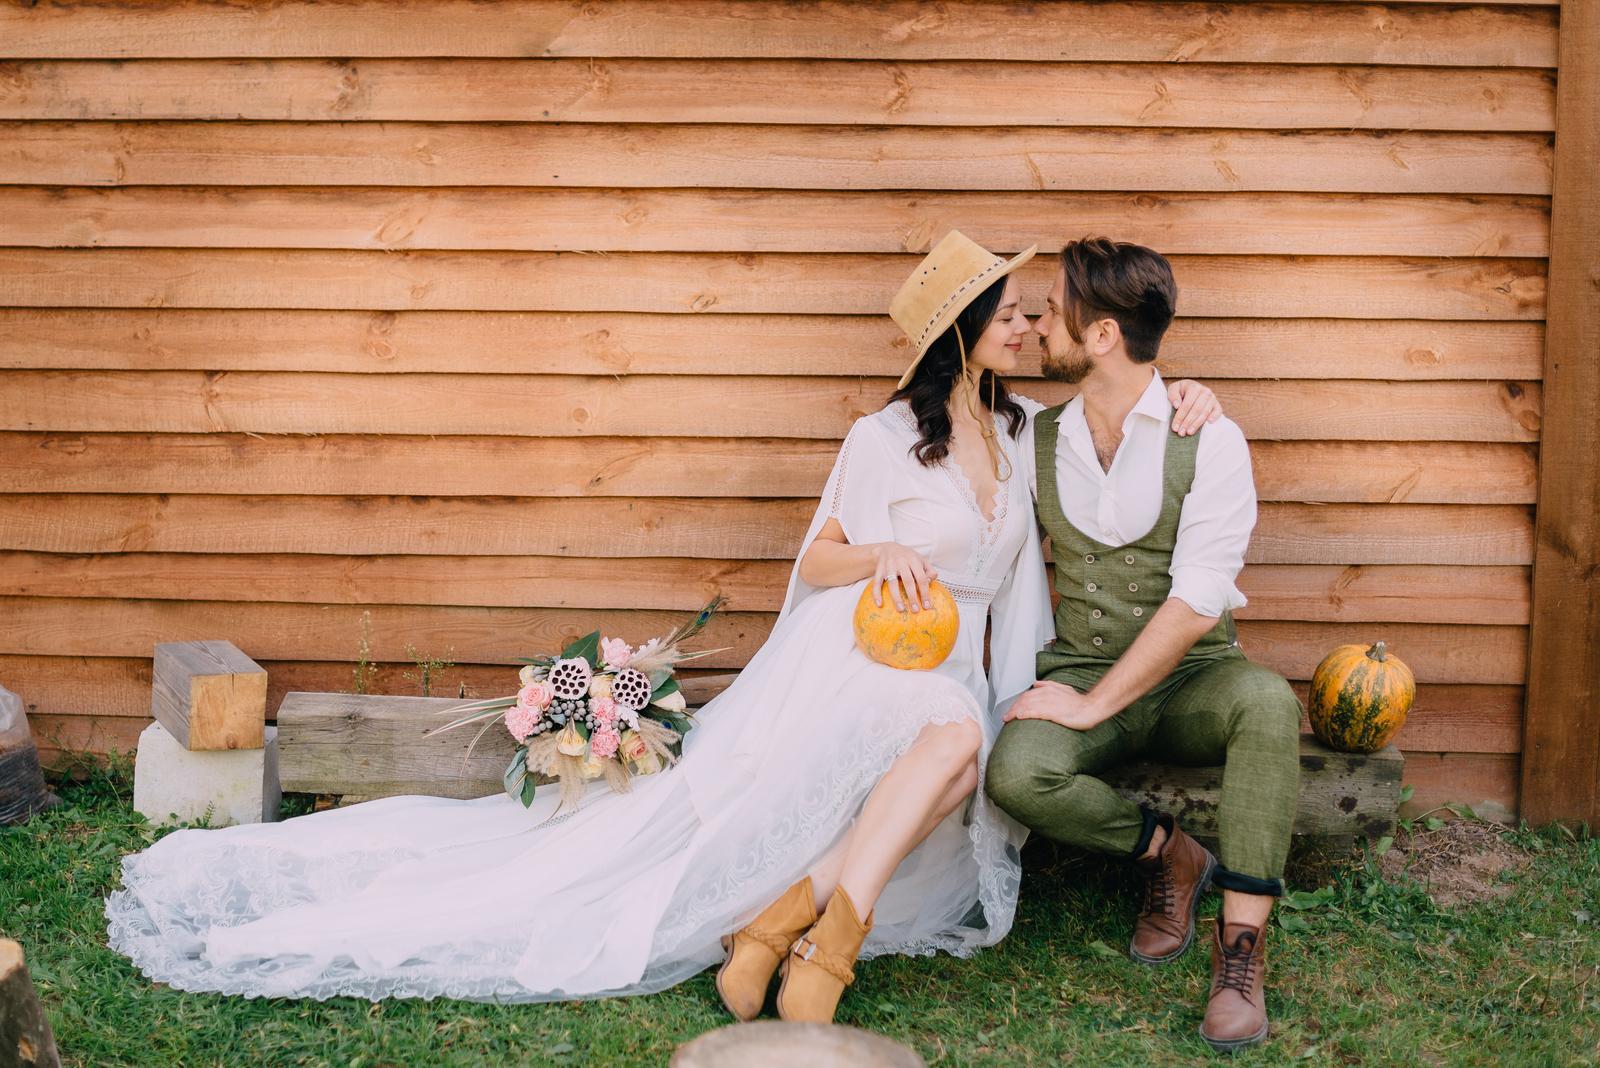 14-krát tekvica v jesennej svadobnej výzdobe – inšpirujte sa, na čo všetko ju môžete v deň D použiť :) https://mojasvadba.zoznam.sk/tekvica-a-svadobna-vyzdoba/ - Obrázok č. 1